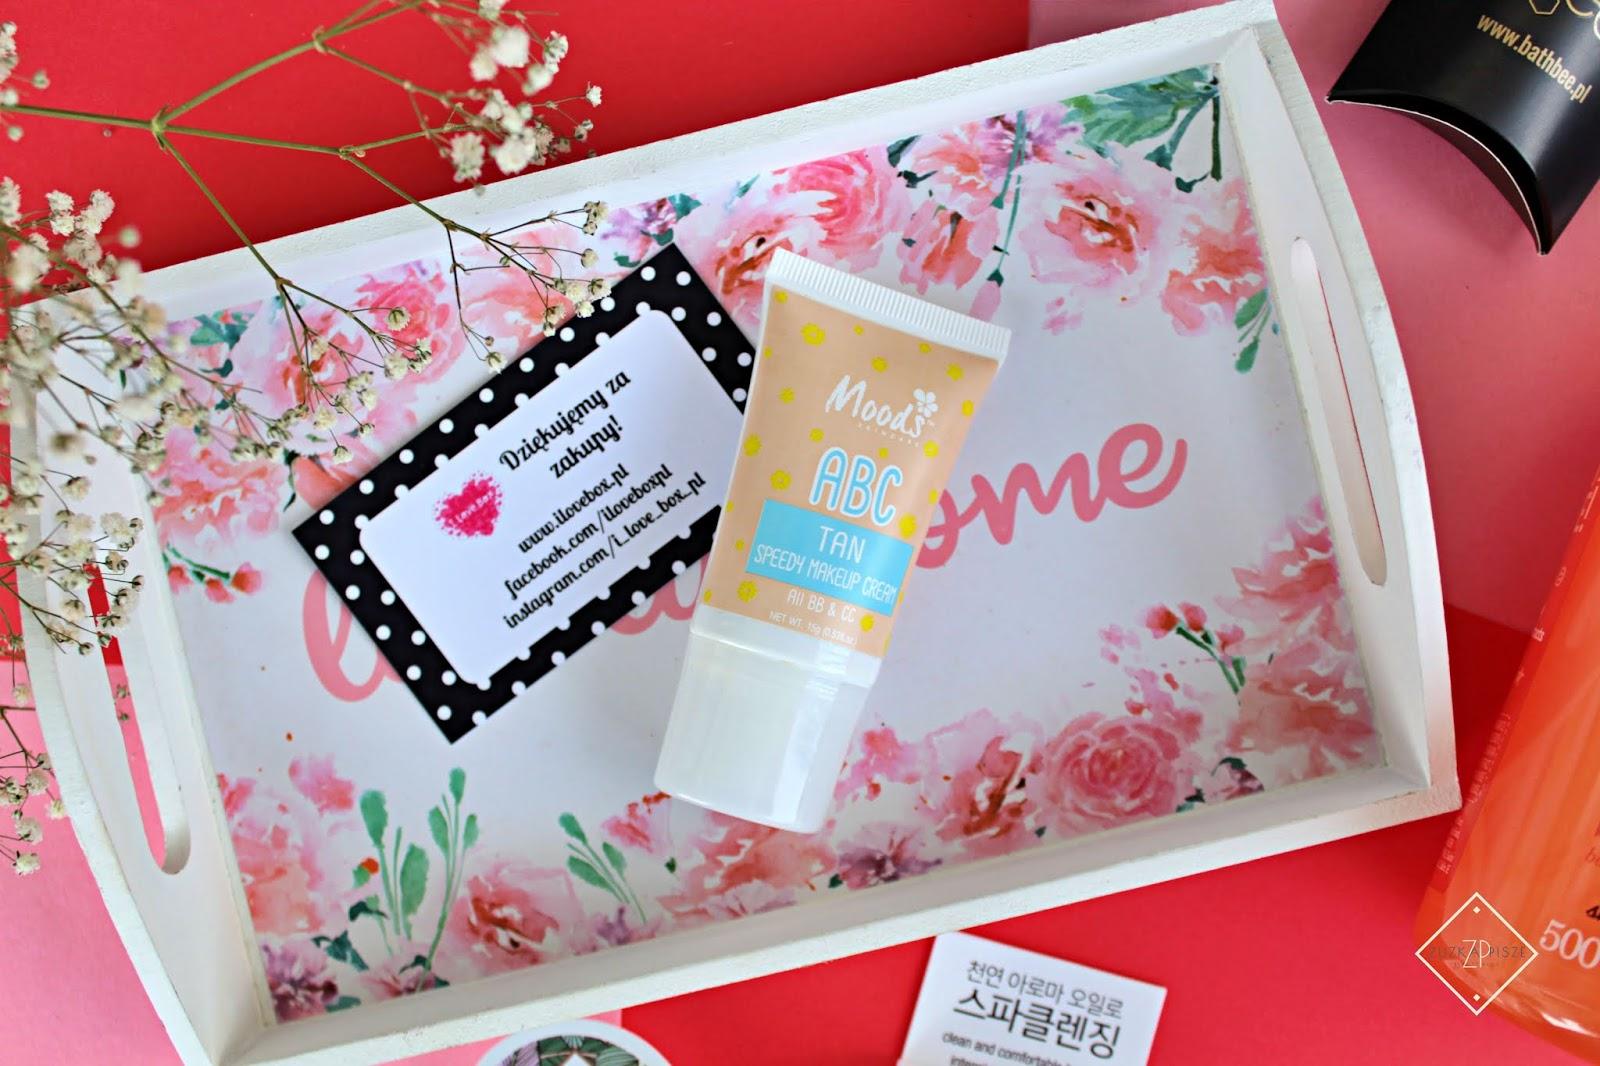 Moods ABC Speedy Makeup Cream nawilżający krem BB do twarzy Tan